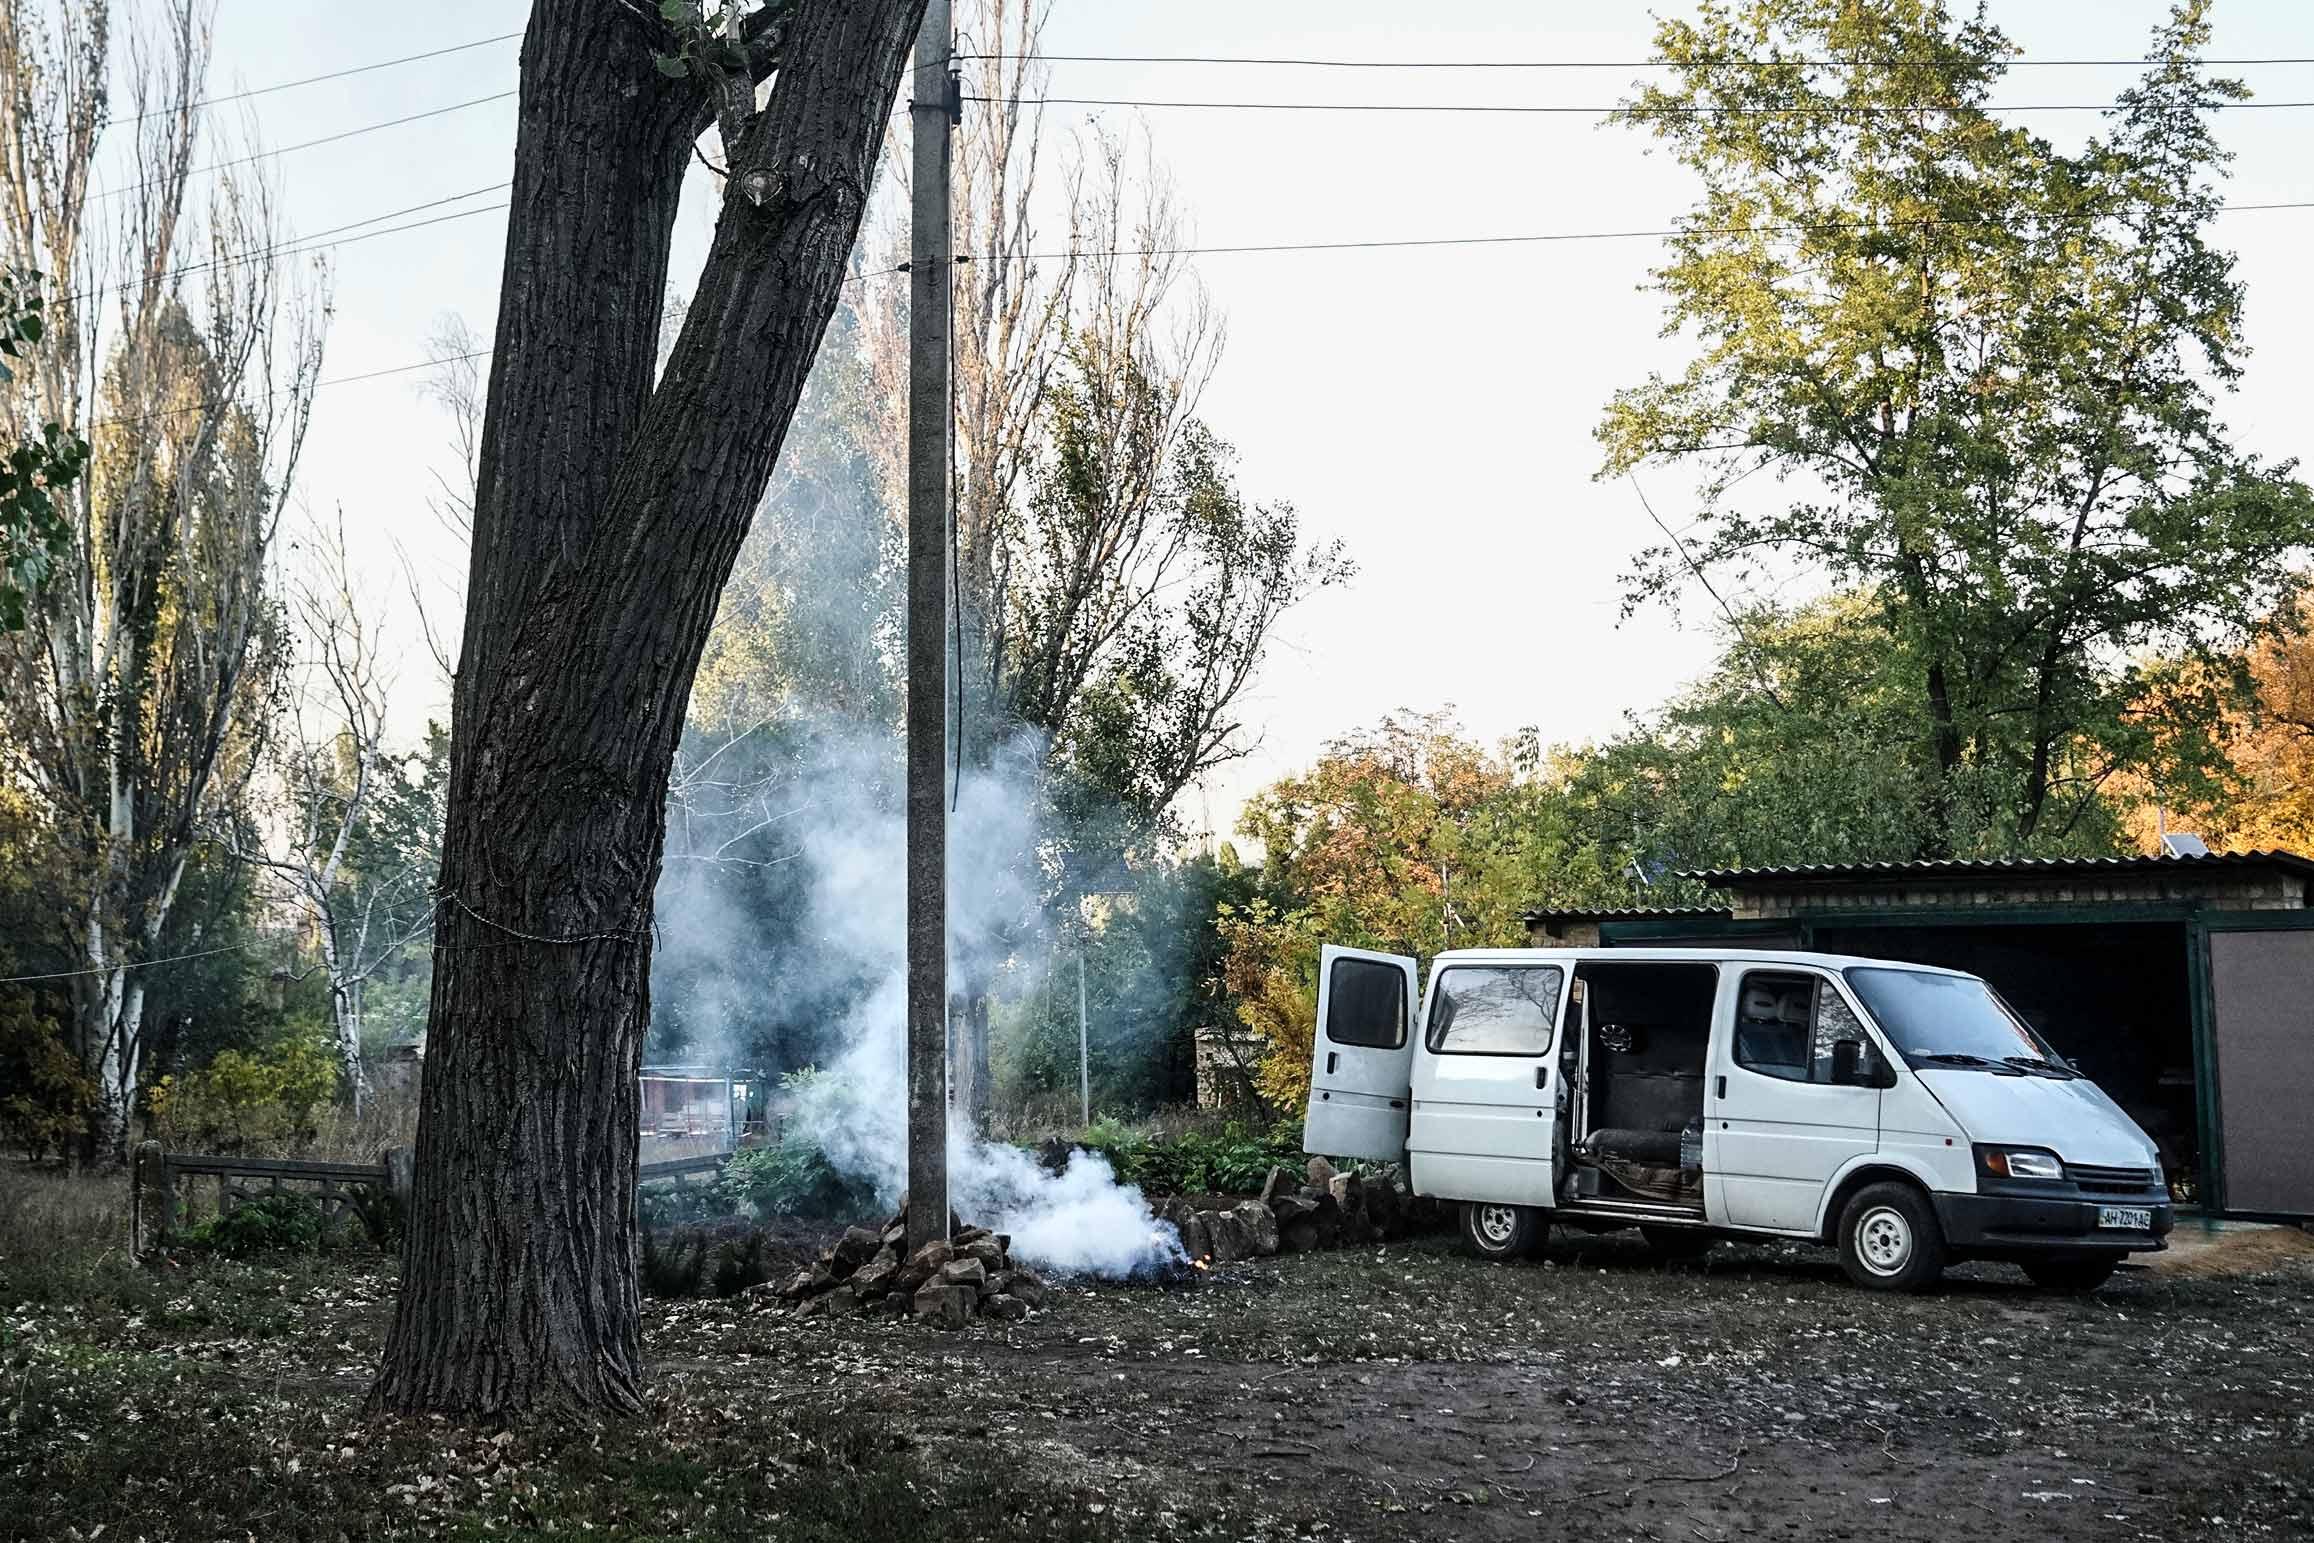 new york 0603 - <b>Смт Нью-Йорк у нестямі.</b> Селищу на Донбасі повернули історичну назву — і це запустило процес змін - Заборона